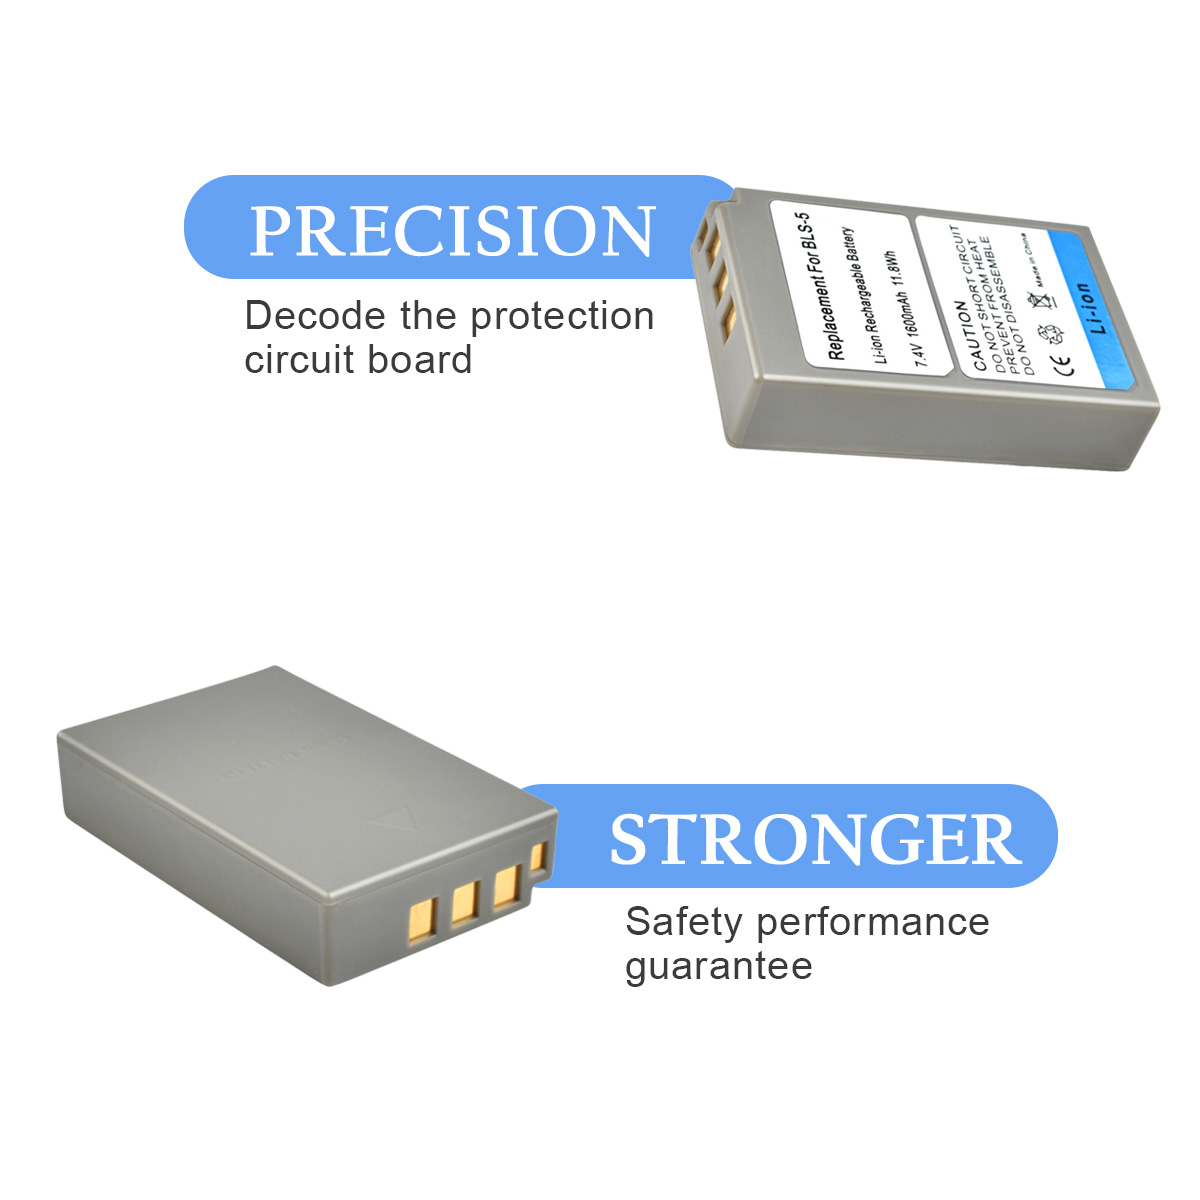 1X PS-BLS5 BLS-5 BLS5 BLS-50 BLS50 Camera Battery for Olympus PEN E-PL2,E-PL5,E-PL6,E-PL7,E-PM2,OM-D E-M10,E-M10 II, Stylus1 L151X PS-BLS5 BLS-5 BLS5 BLS-50 BLS50 Camera Battery for Olympus PEN E-PL2,E-PL5,E-PL6,E-PL7,E-PM2,OM-D E-M10,E-M10 II, Stylus1 L15